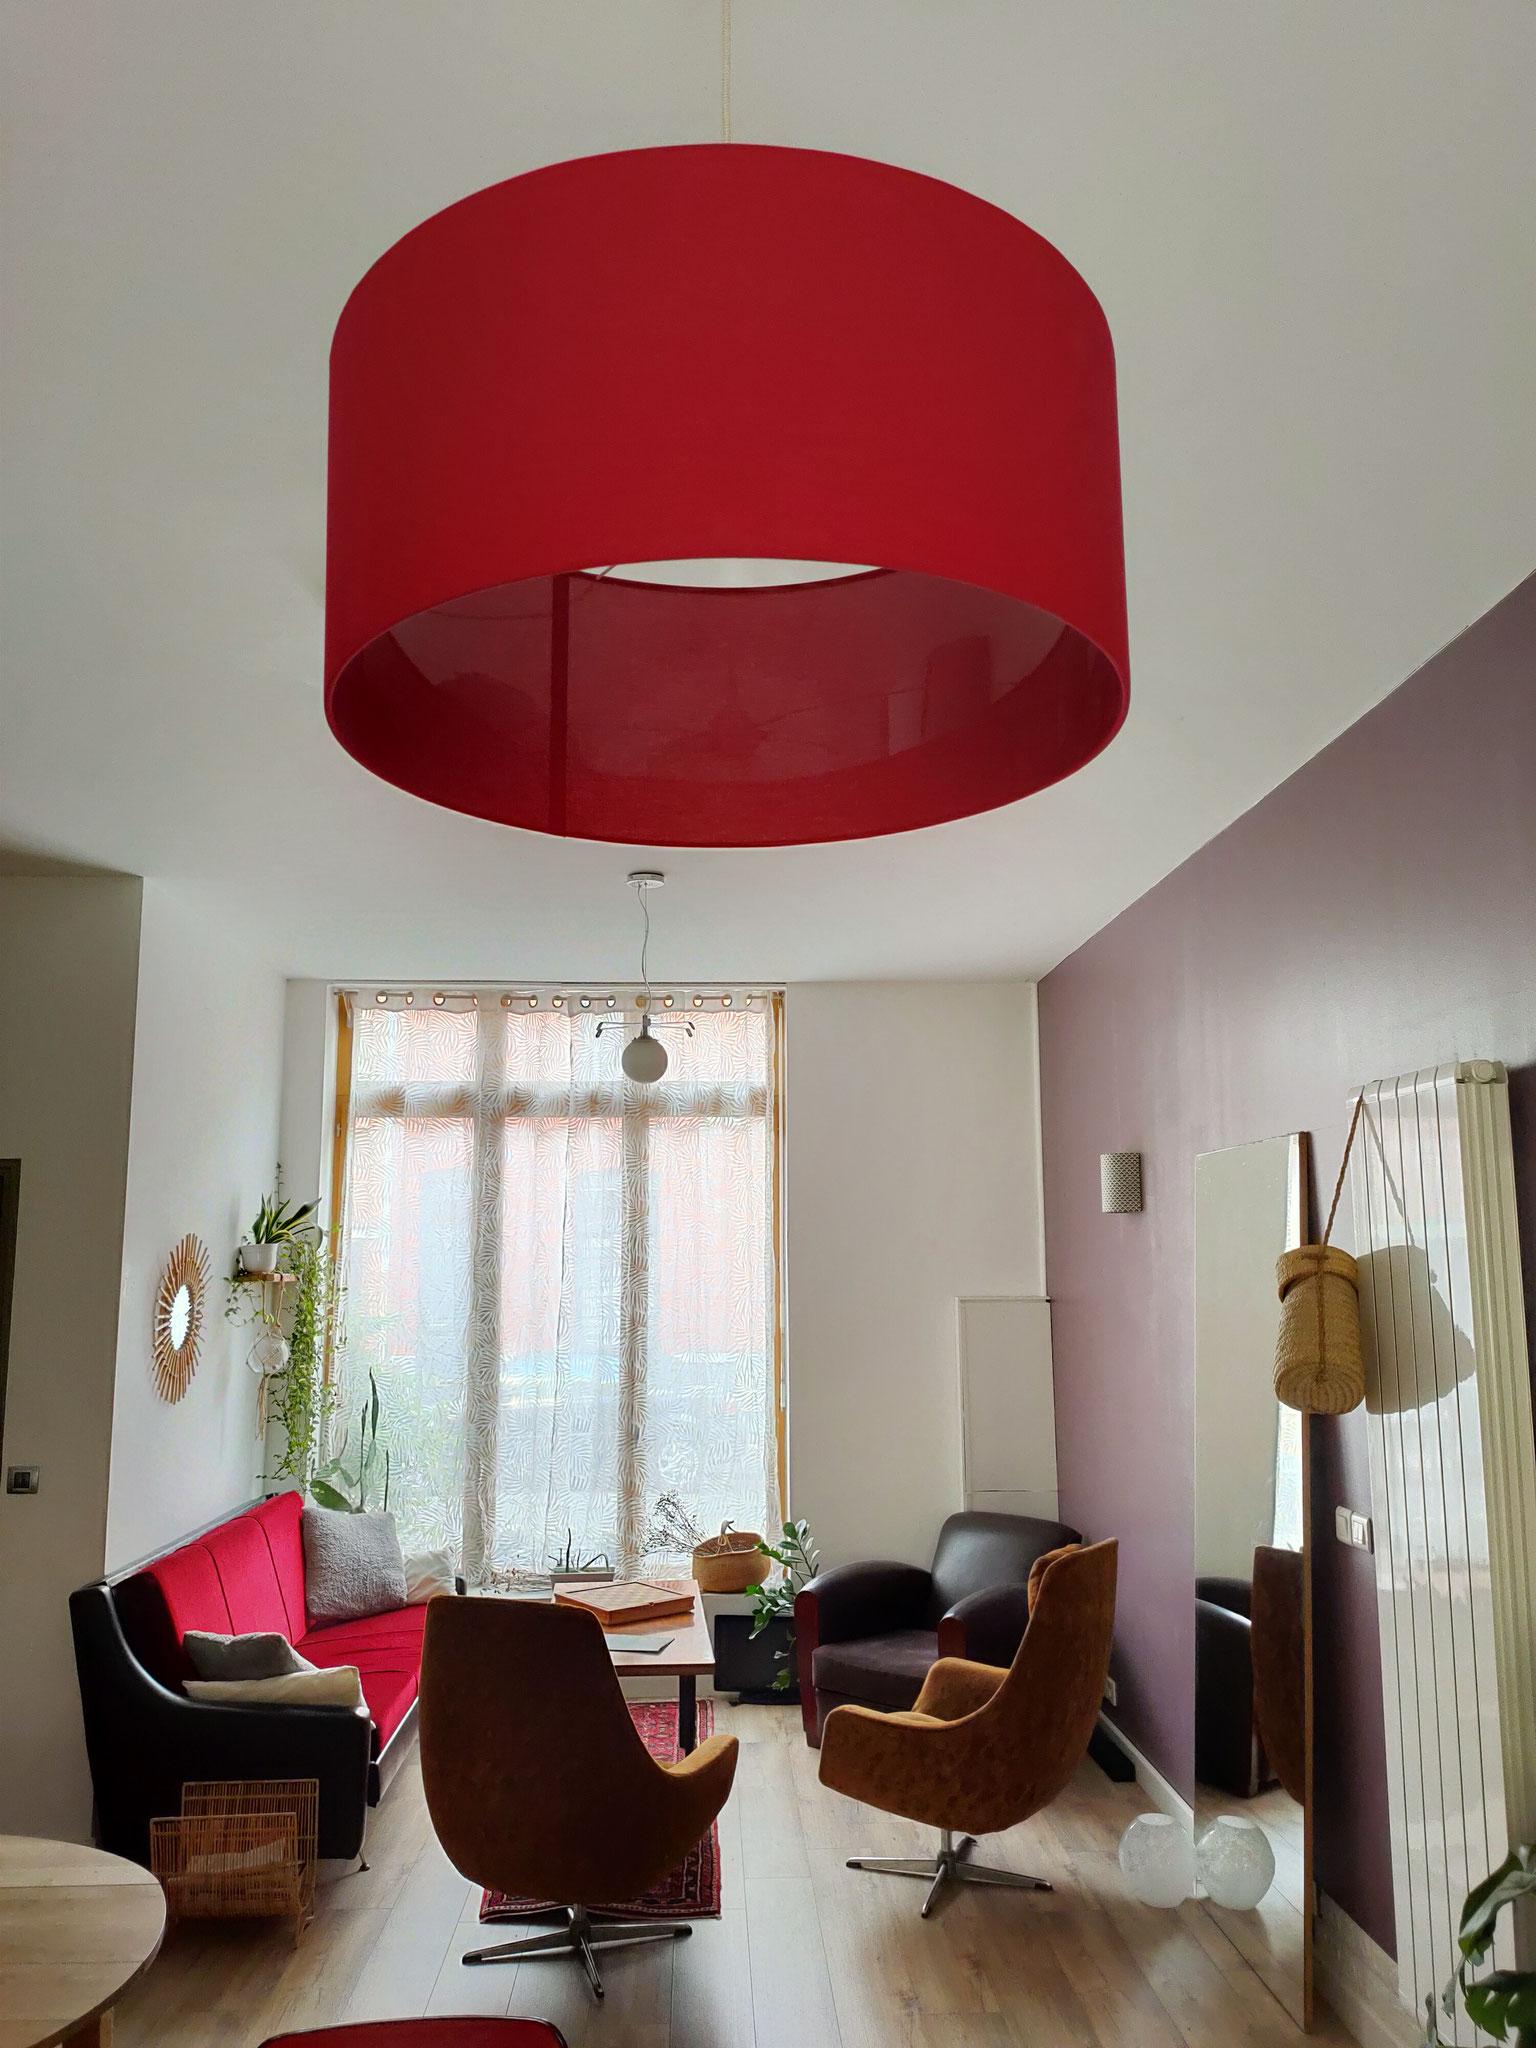 Abat-jour XXL uni rouge dans un salon